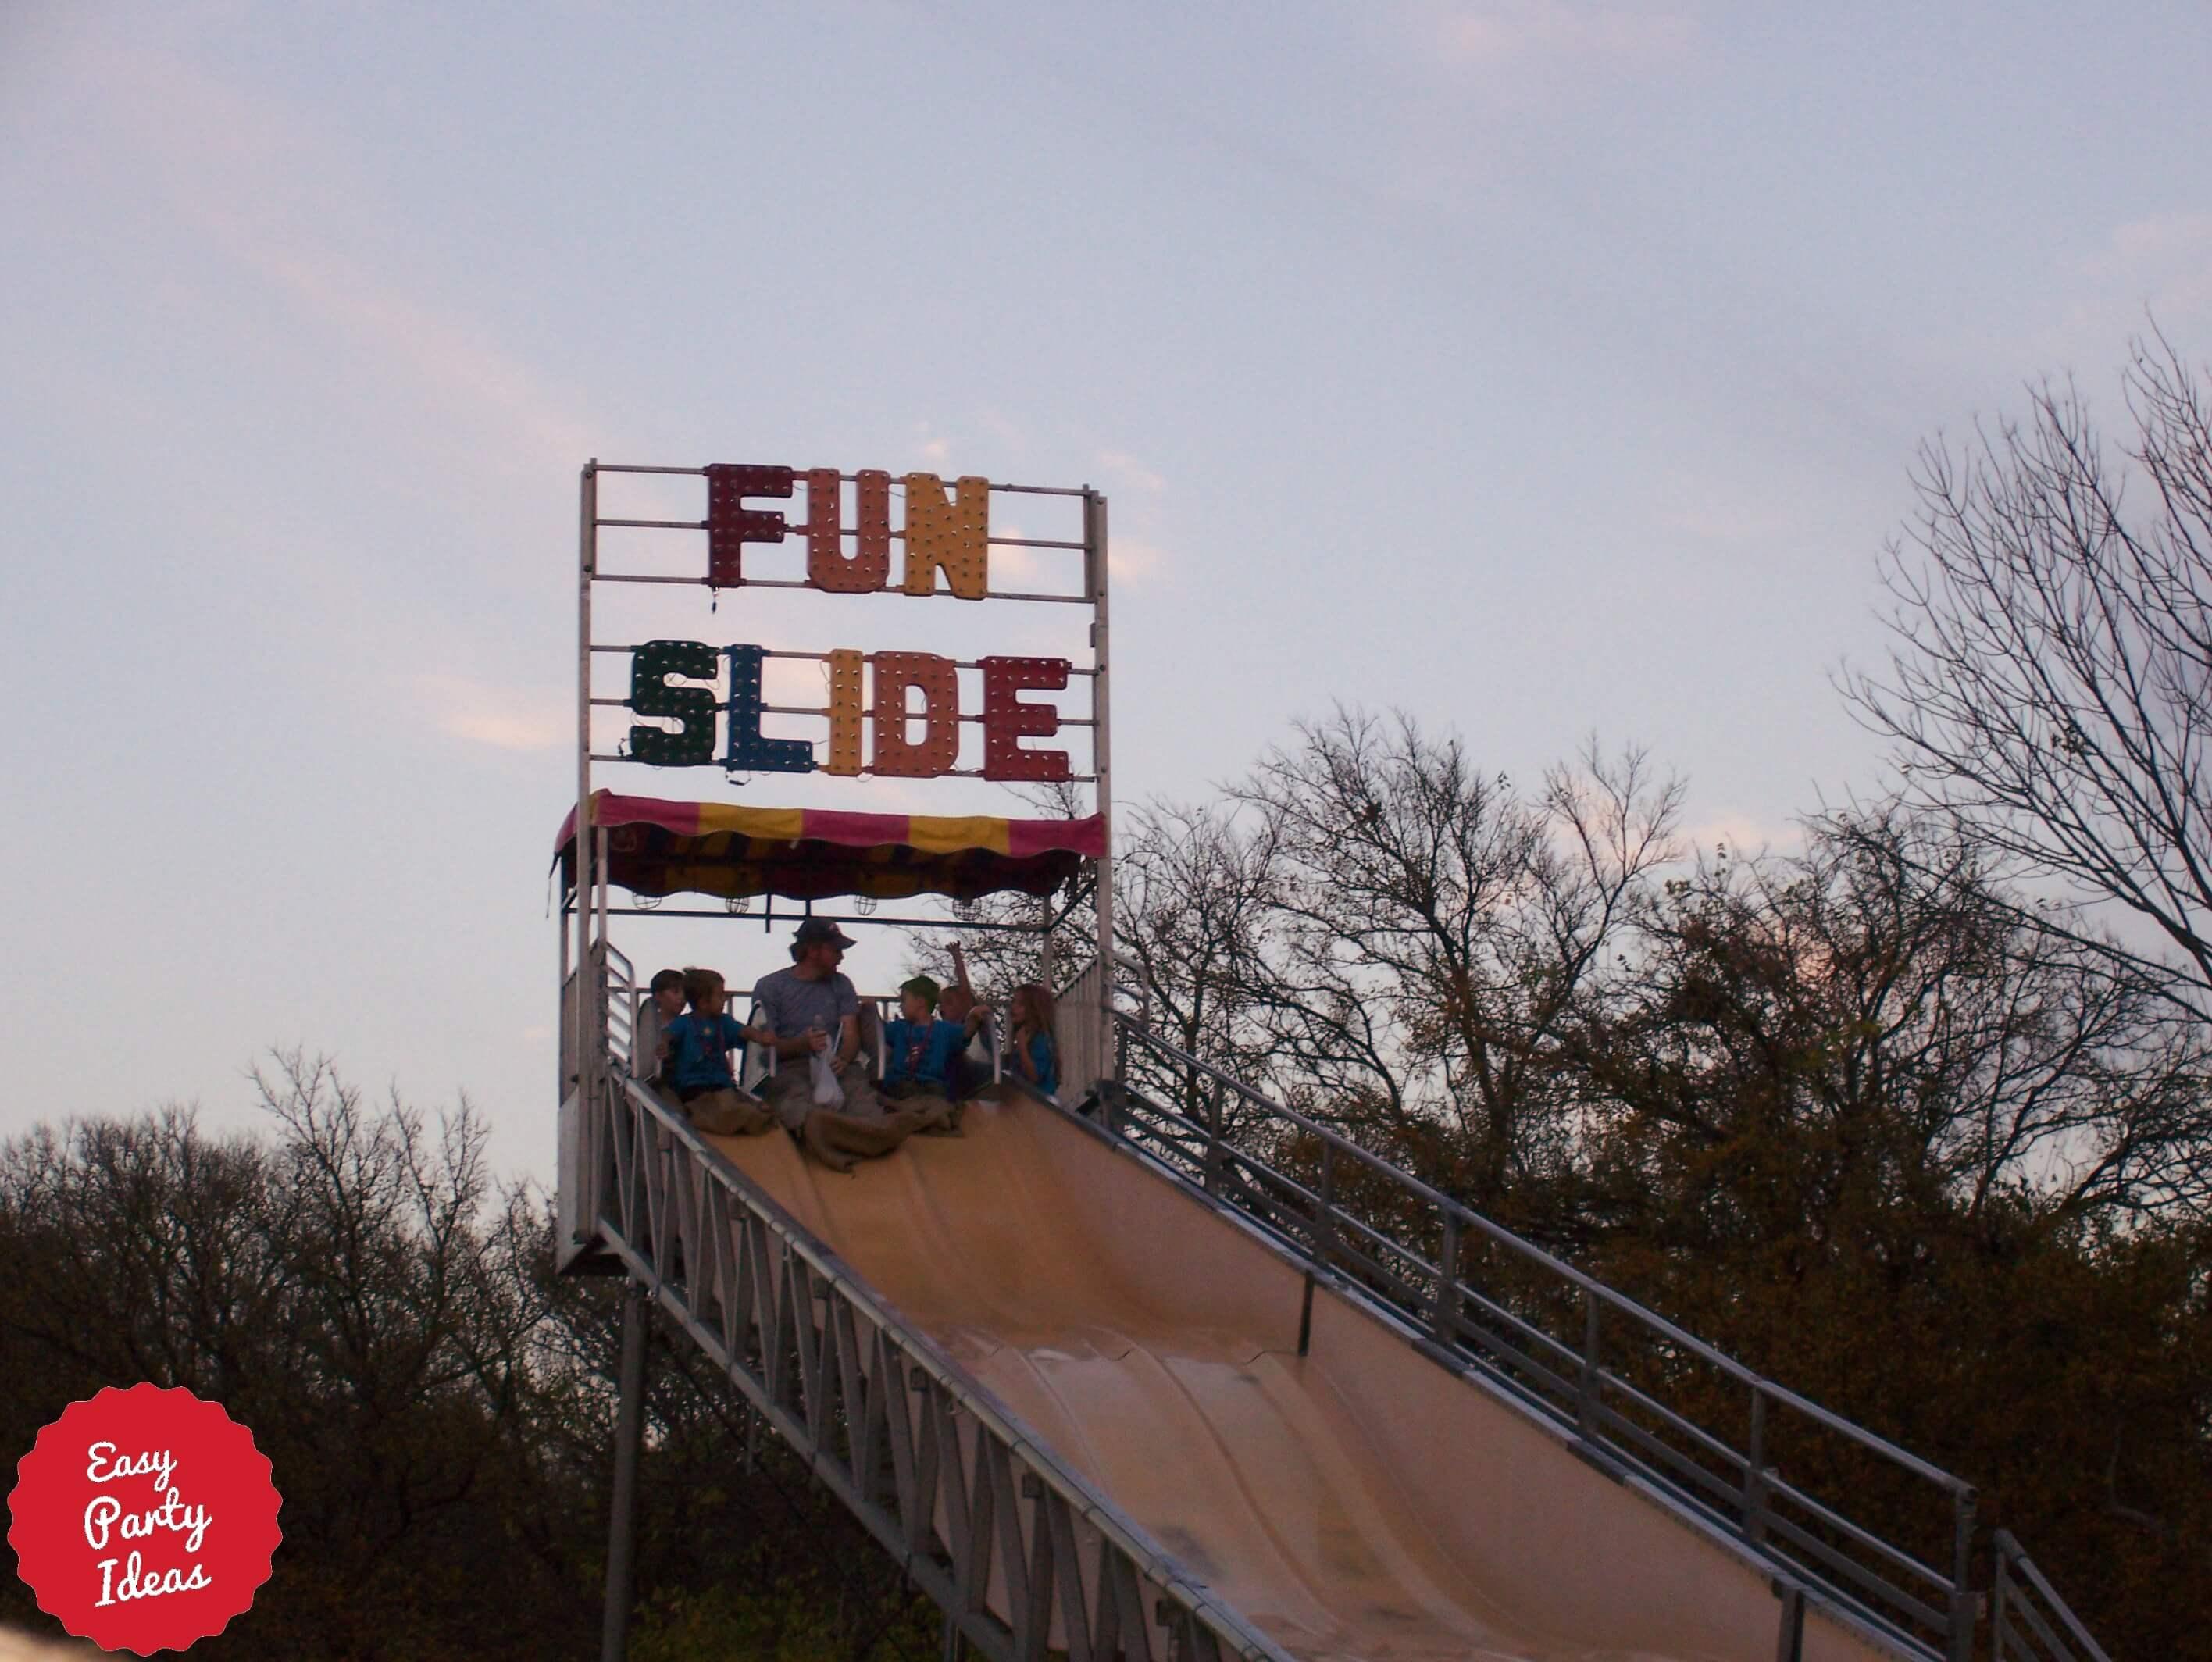 School Carnival Slide